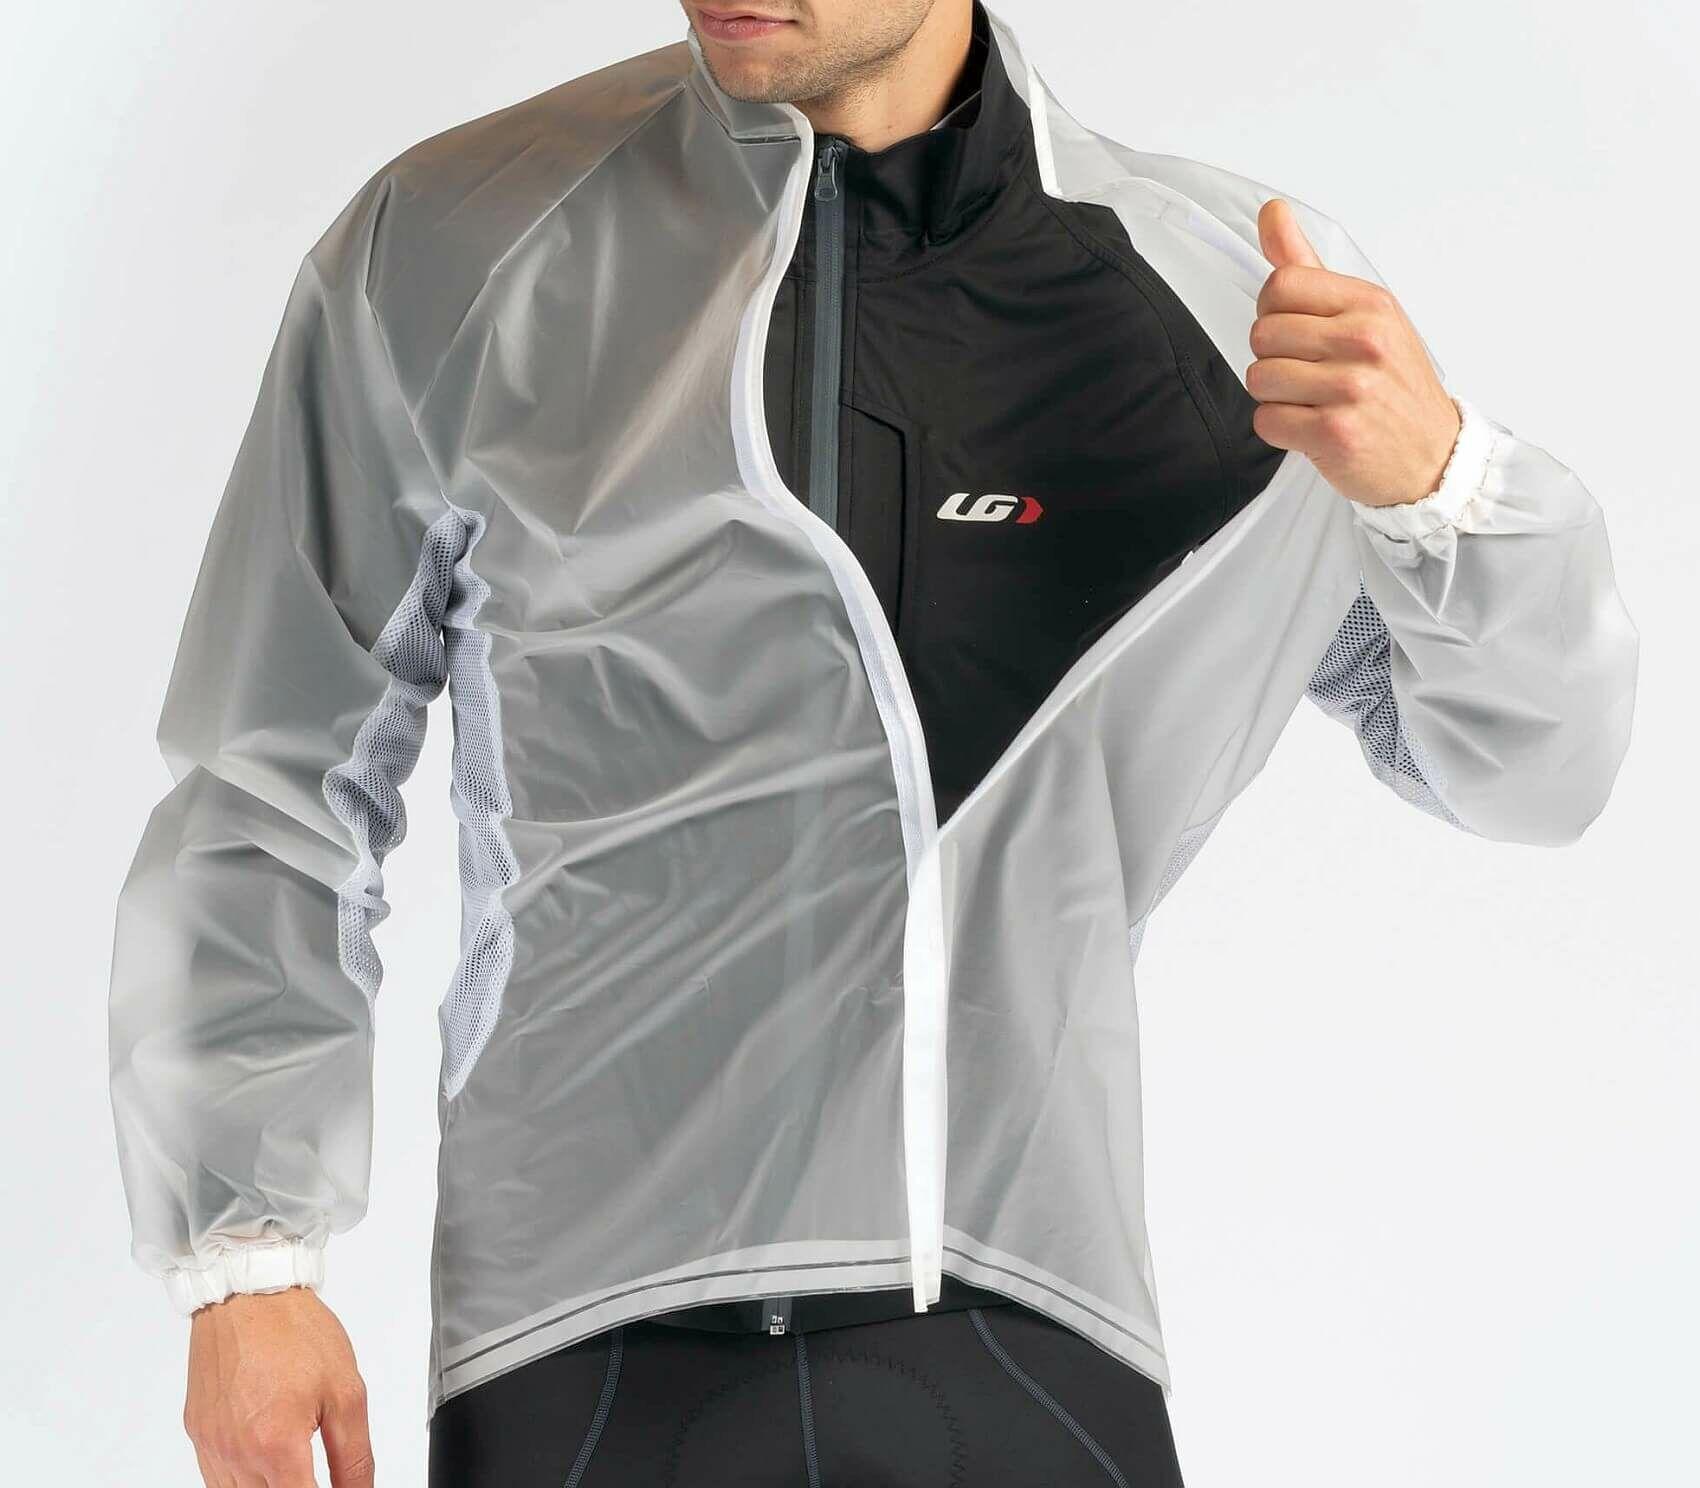 12_hogyan öltözködj kerékpározáshoz szélben hűvös időjárásban